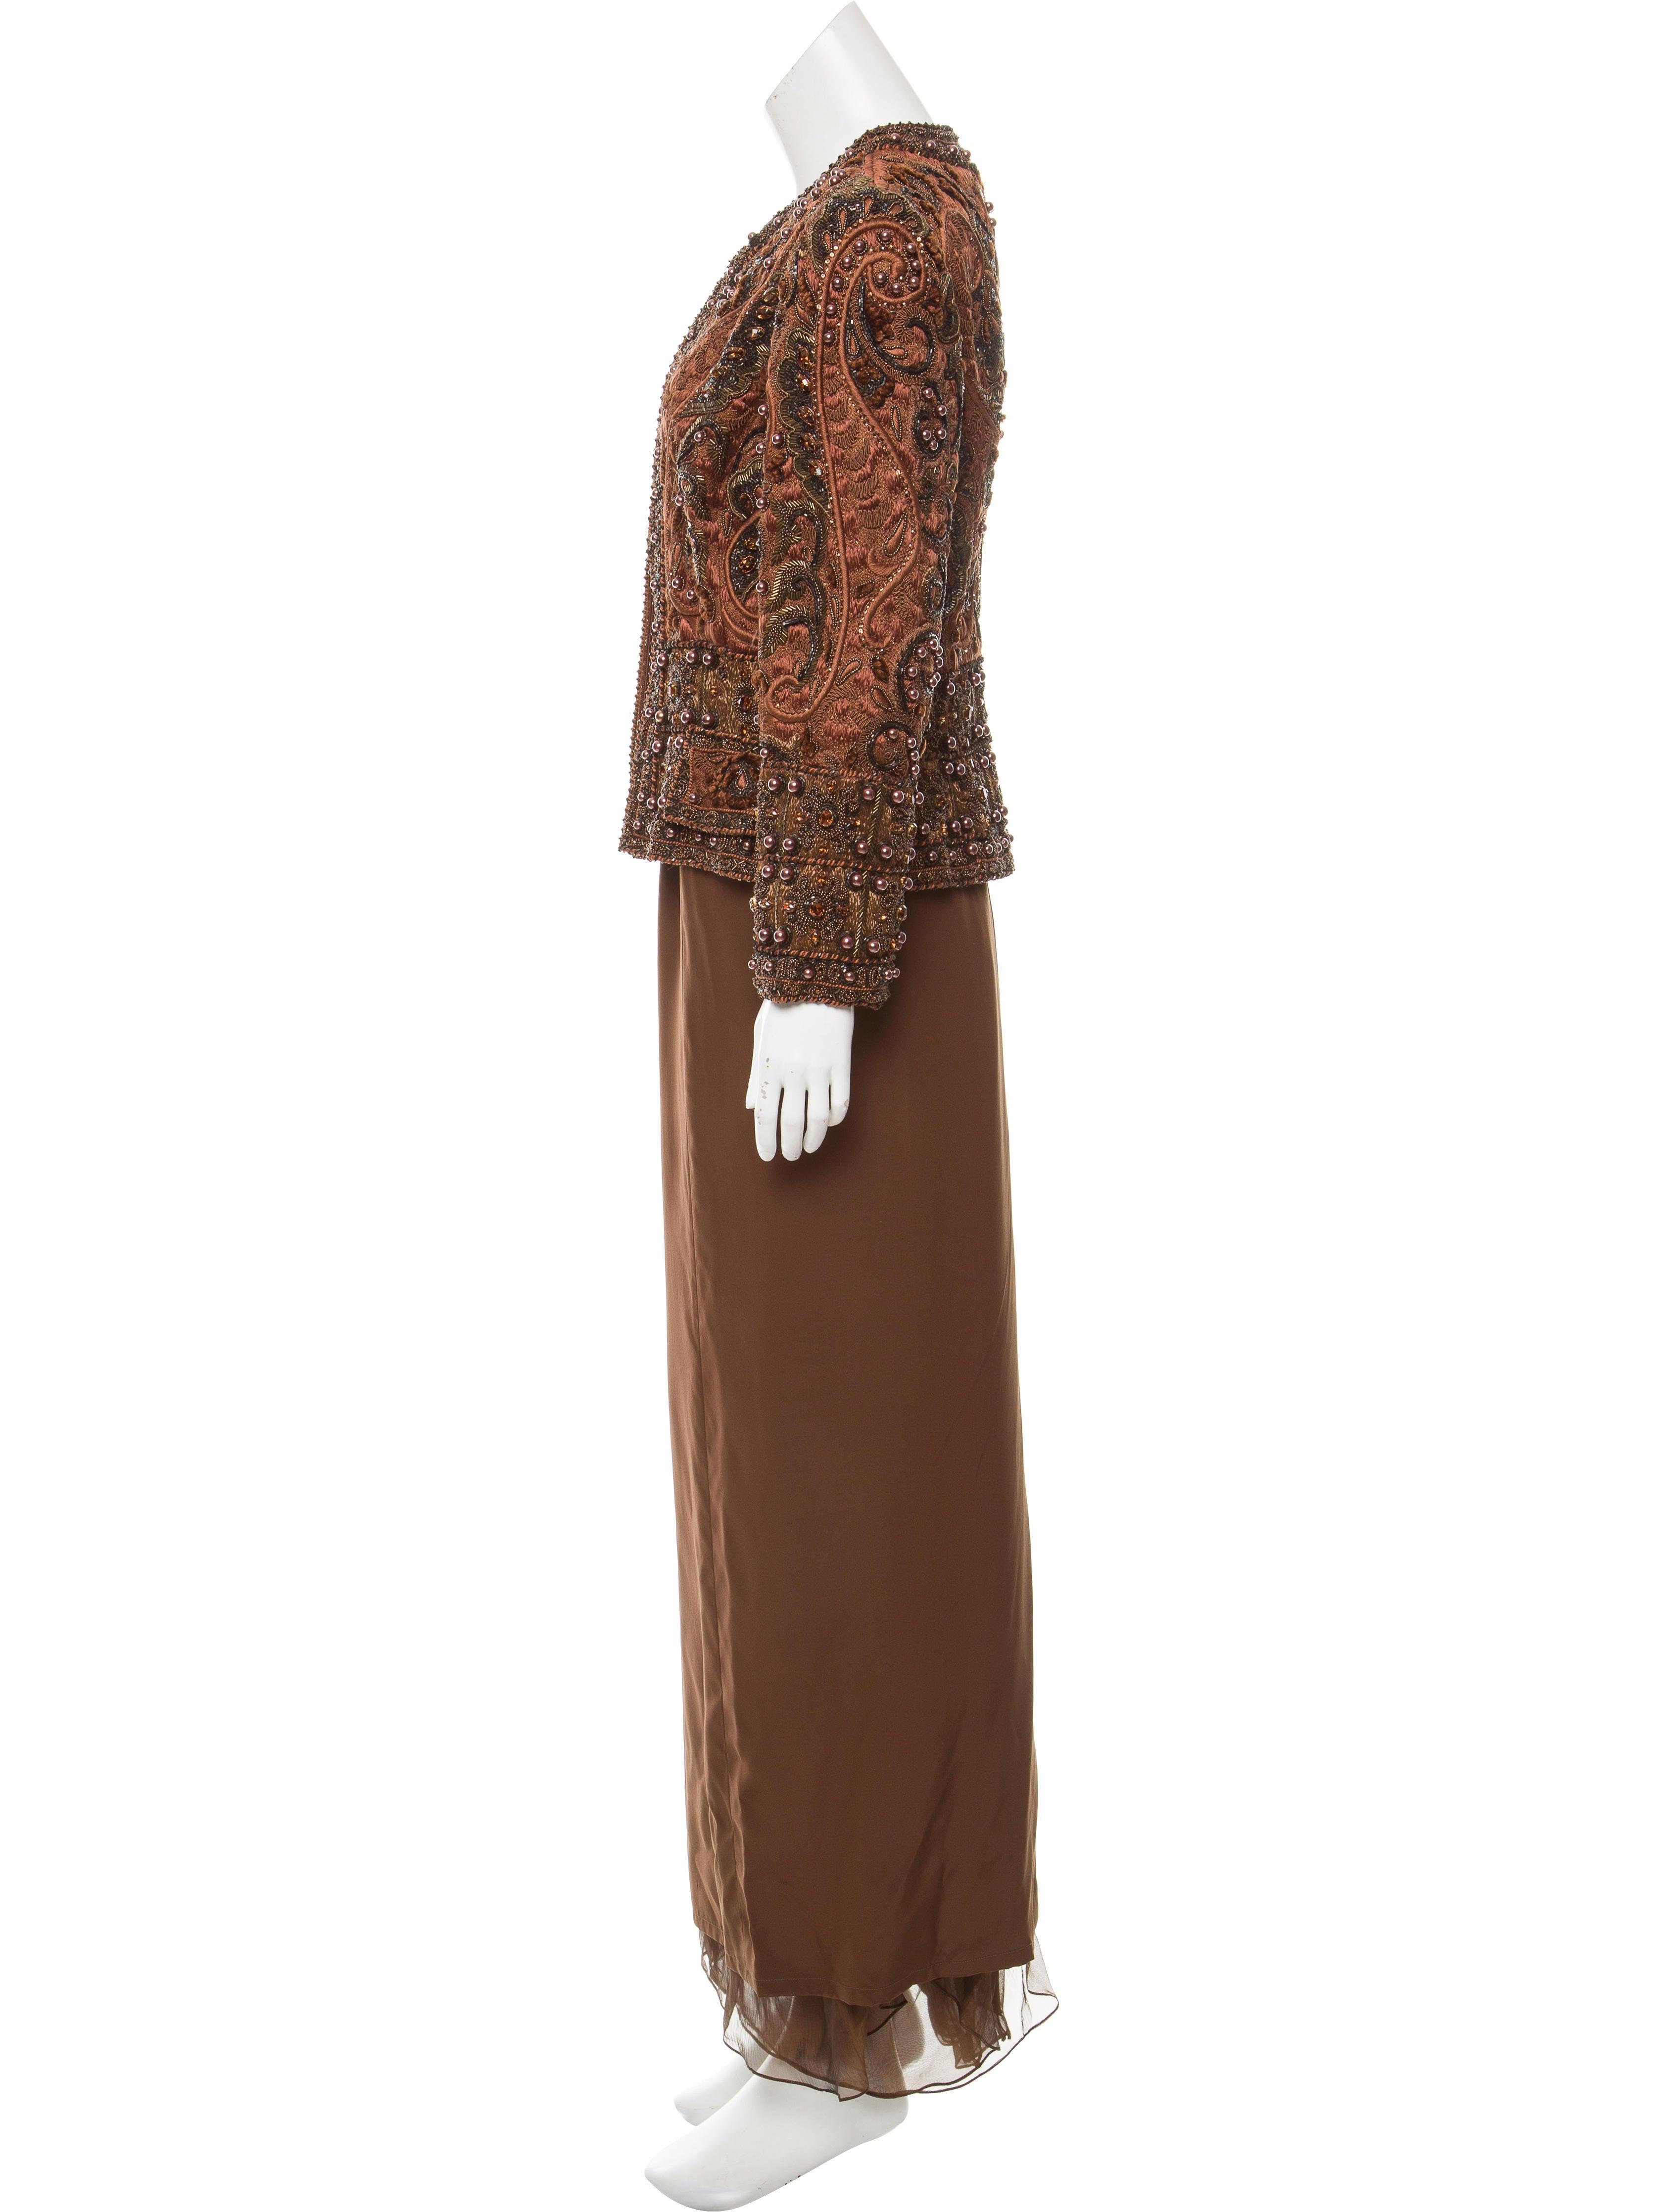 Oscar de la renta vintage embellished skirt suit for Oscar de la renta candles